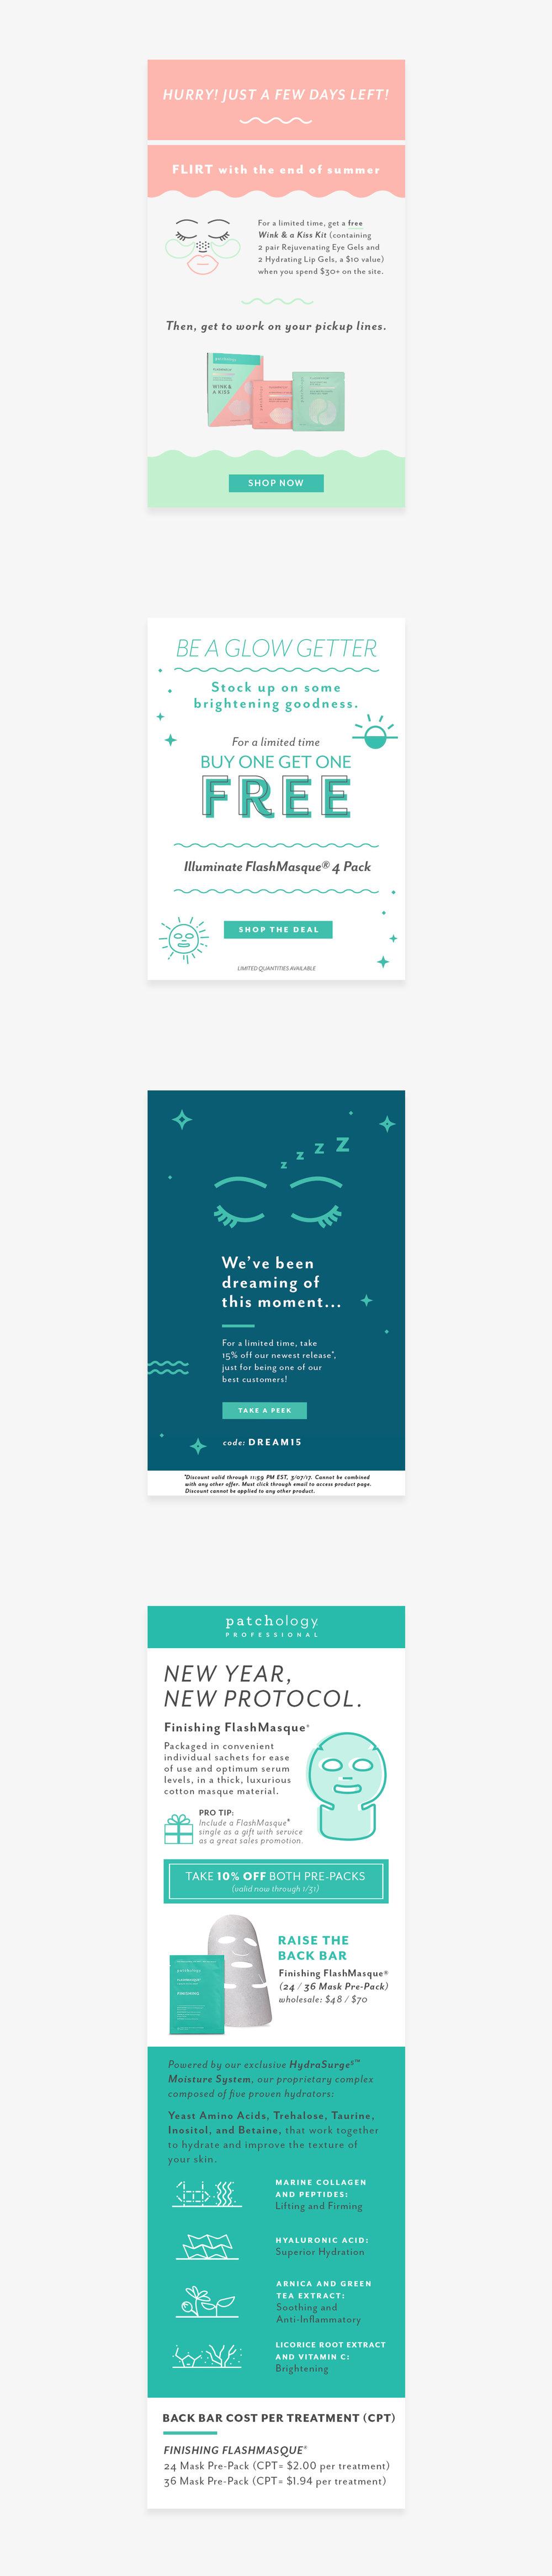 Patchology-Email-Newsletter-Icon-Illustration-Design-Skincare-Beauty-Designer-Portland-Oregon-Heather-Maehr.jpg